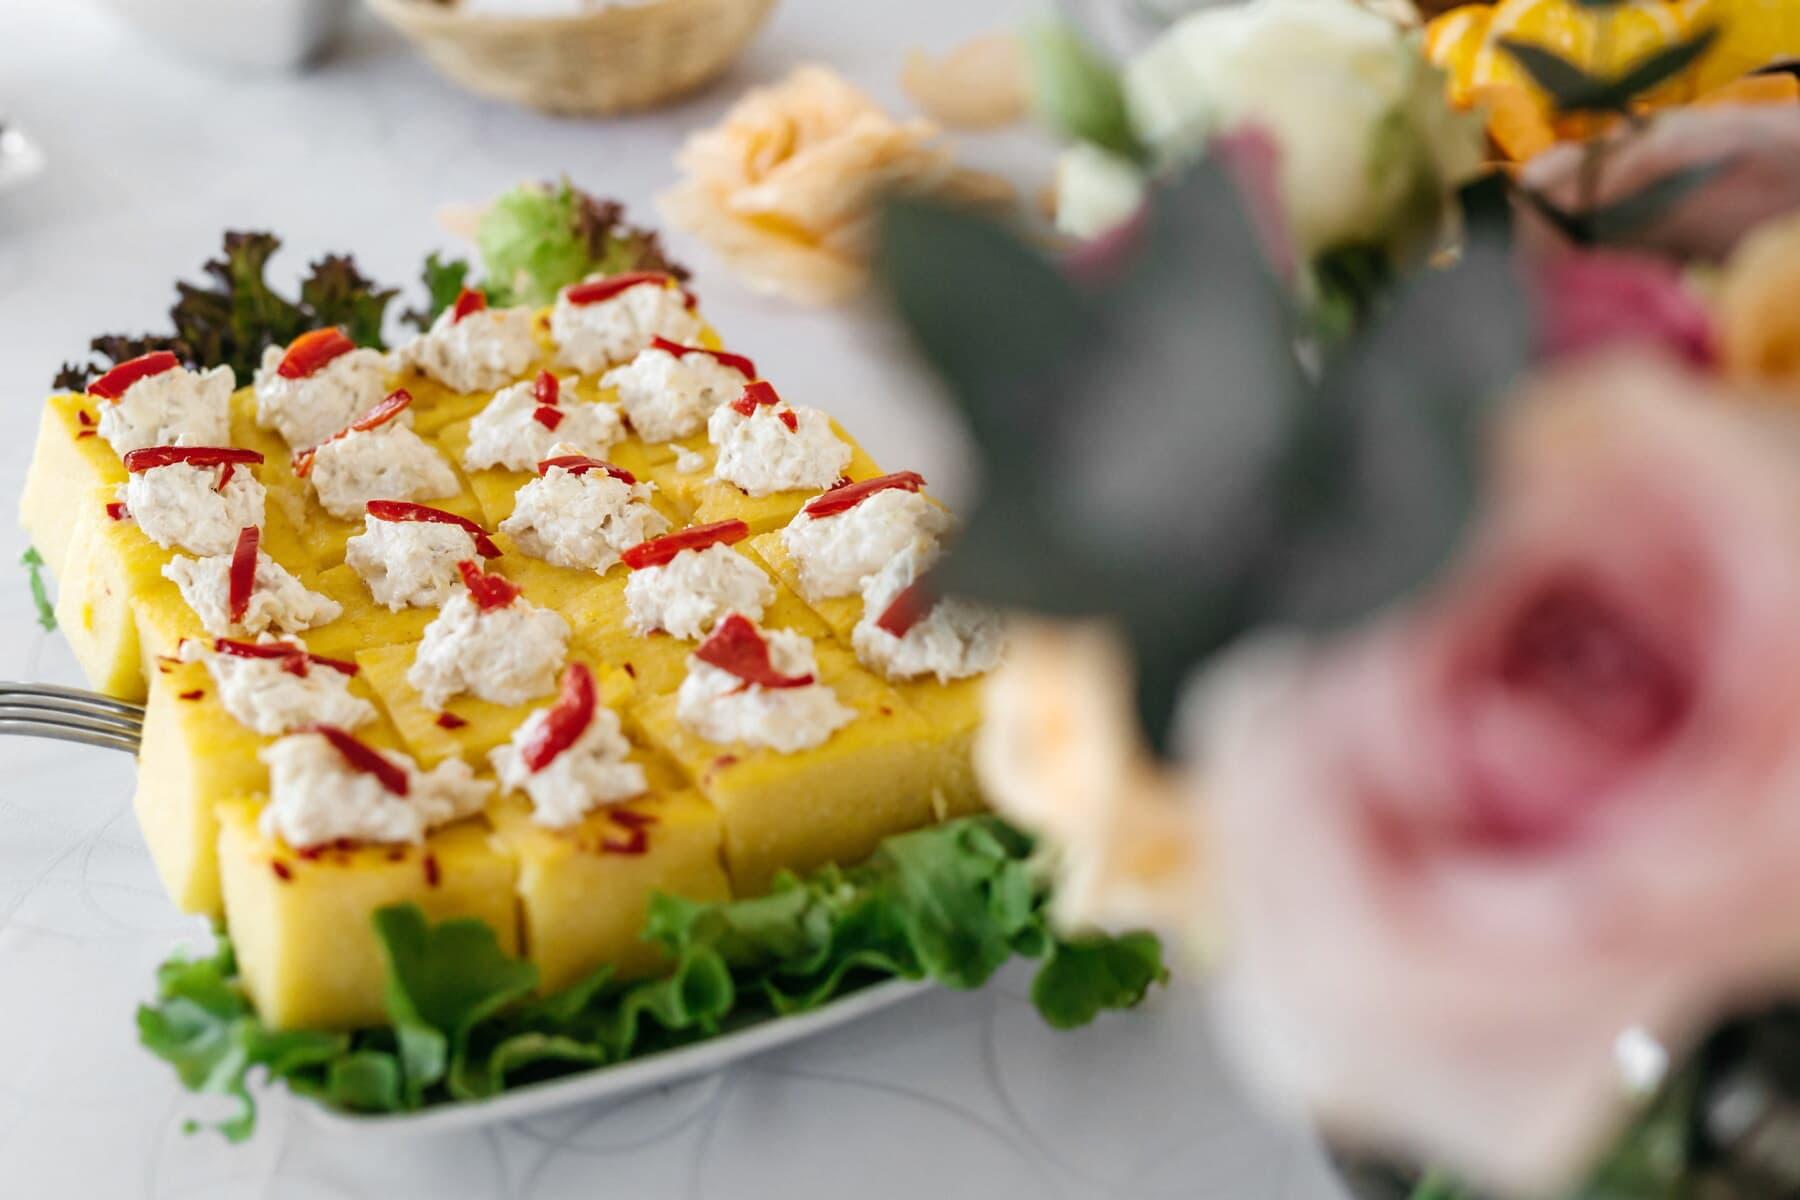 Käsekuchen, Käse, Salat, Appetizer, hausgemachte, Salat, Platte, Mahlzeit, Mittagessen, Essen